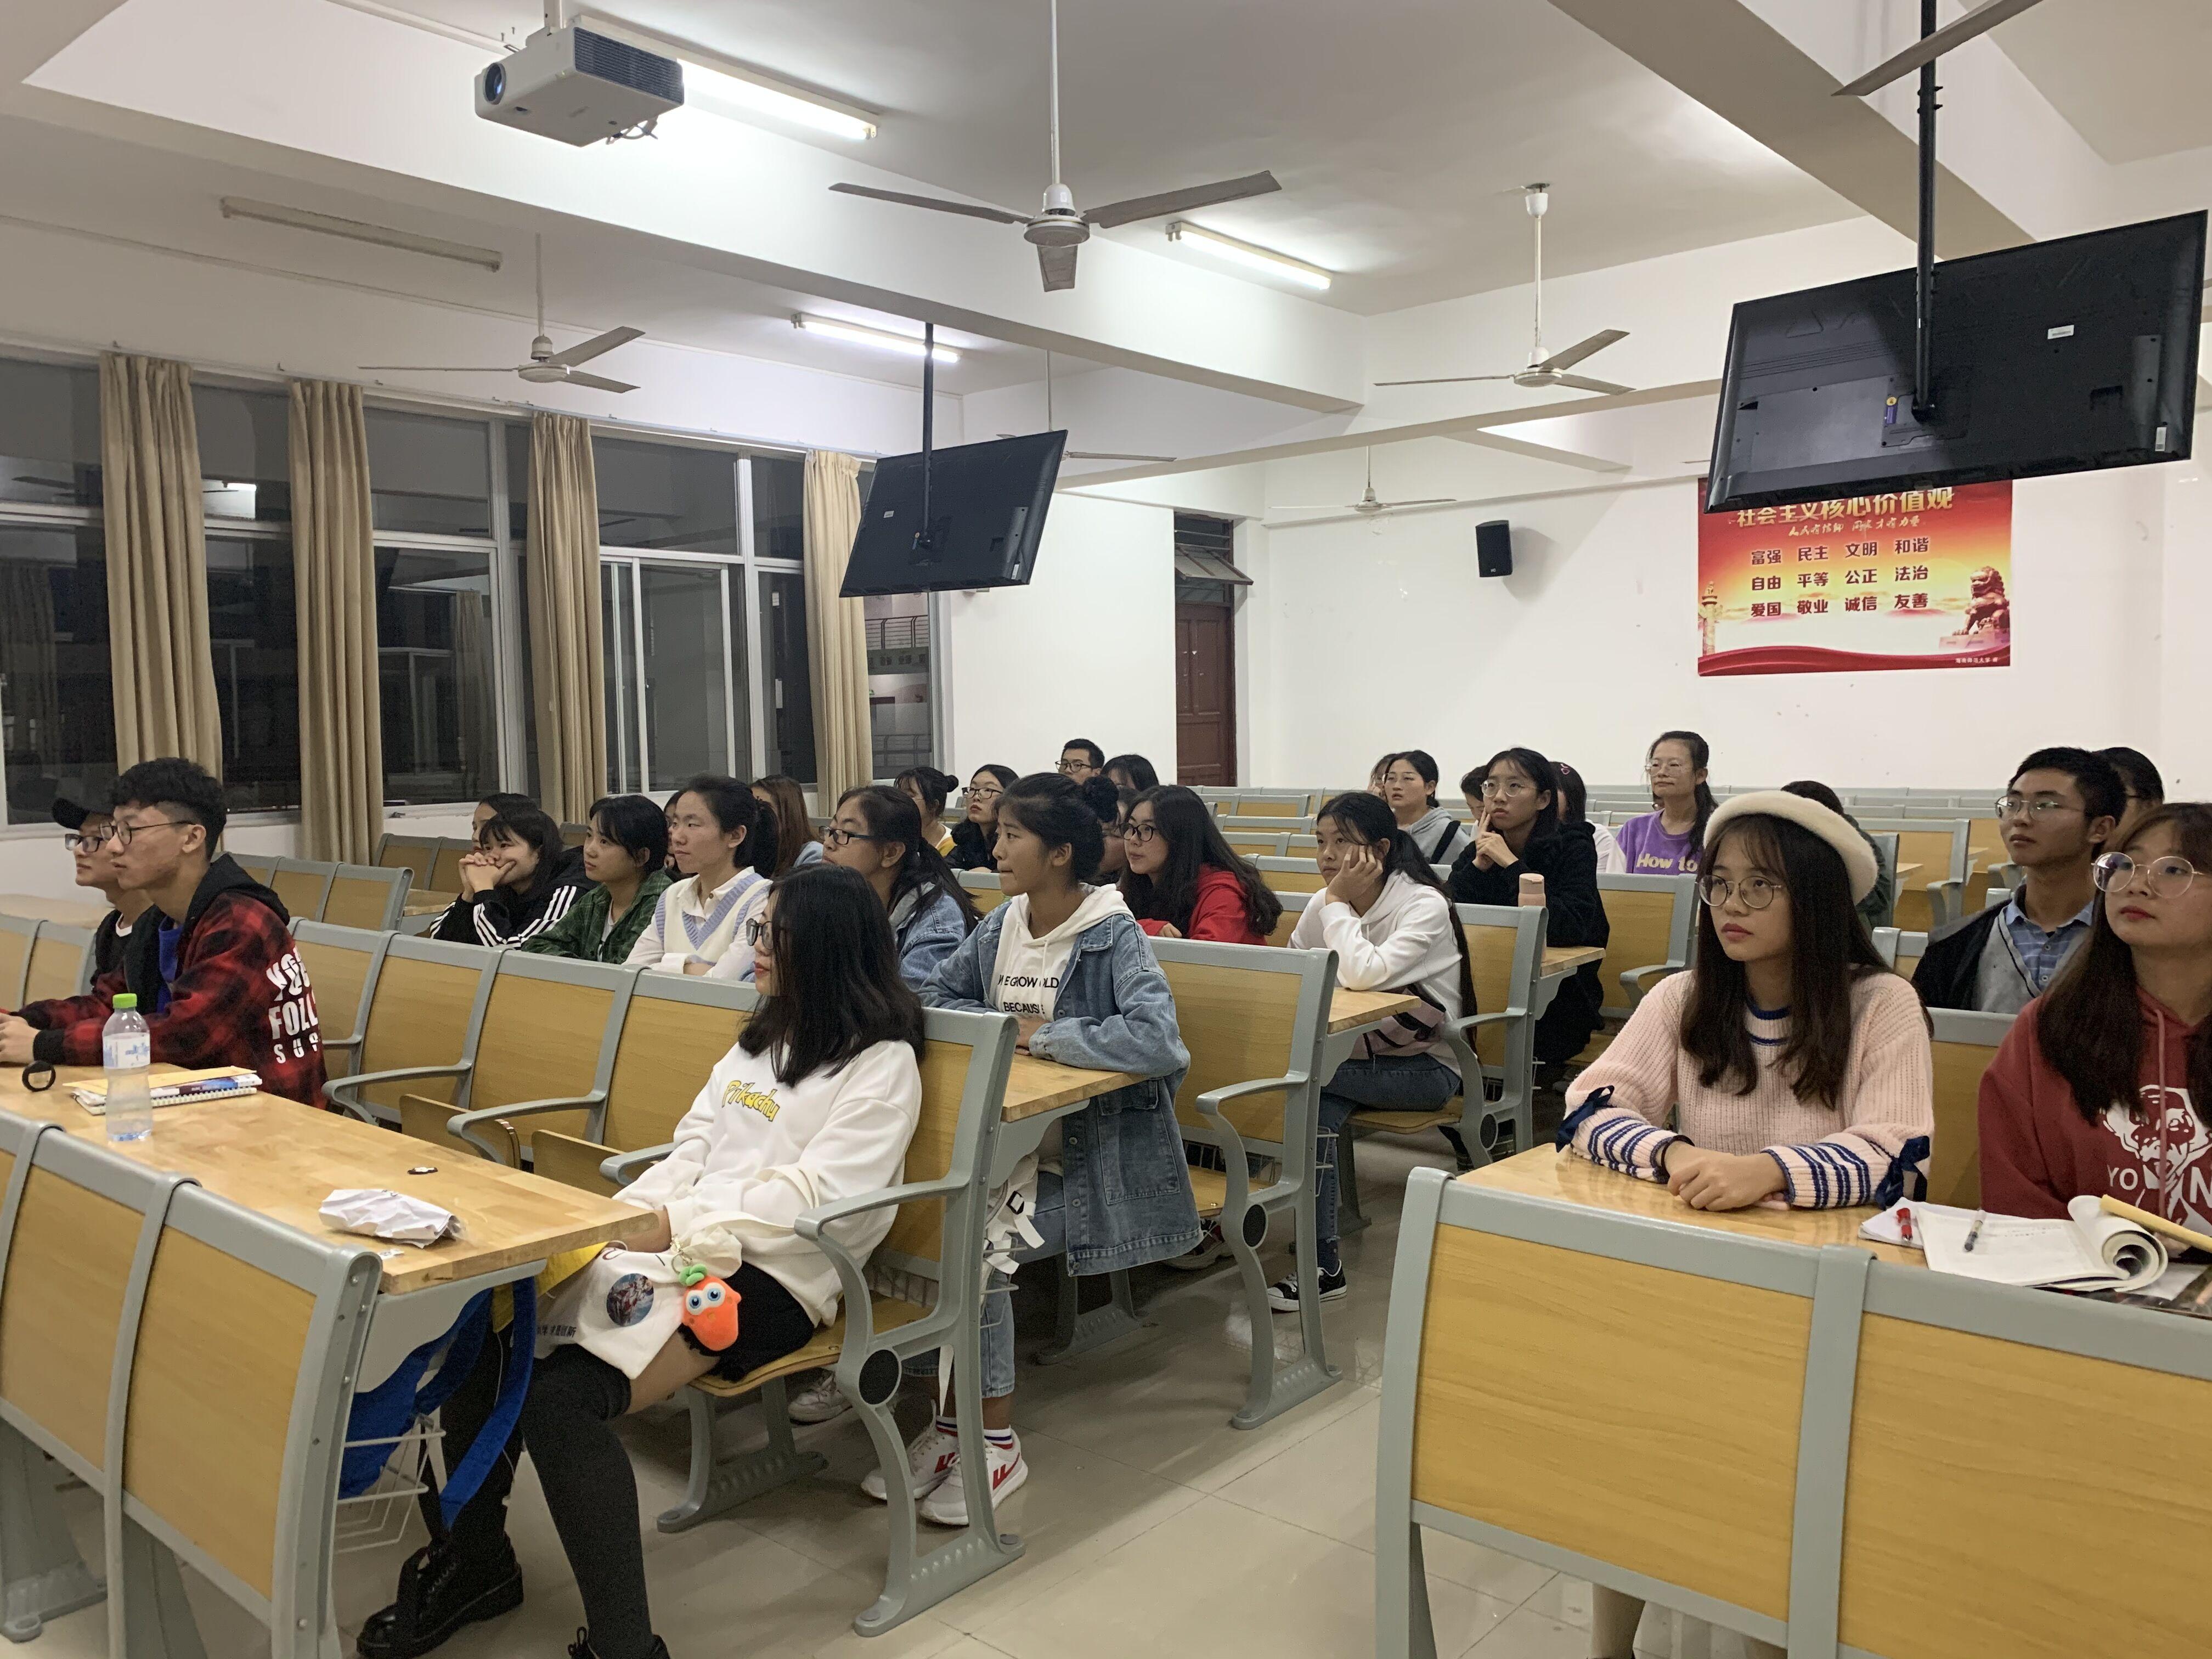 青年之声:教育学院宪法宣传活动